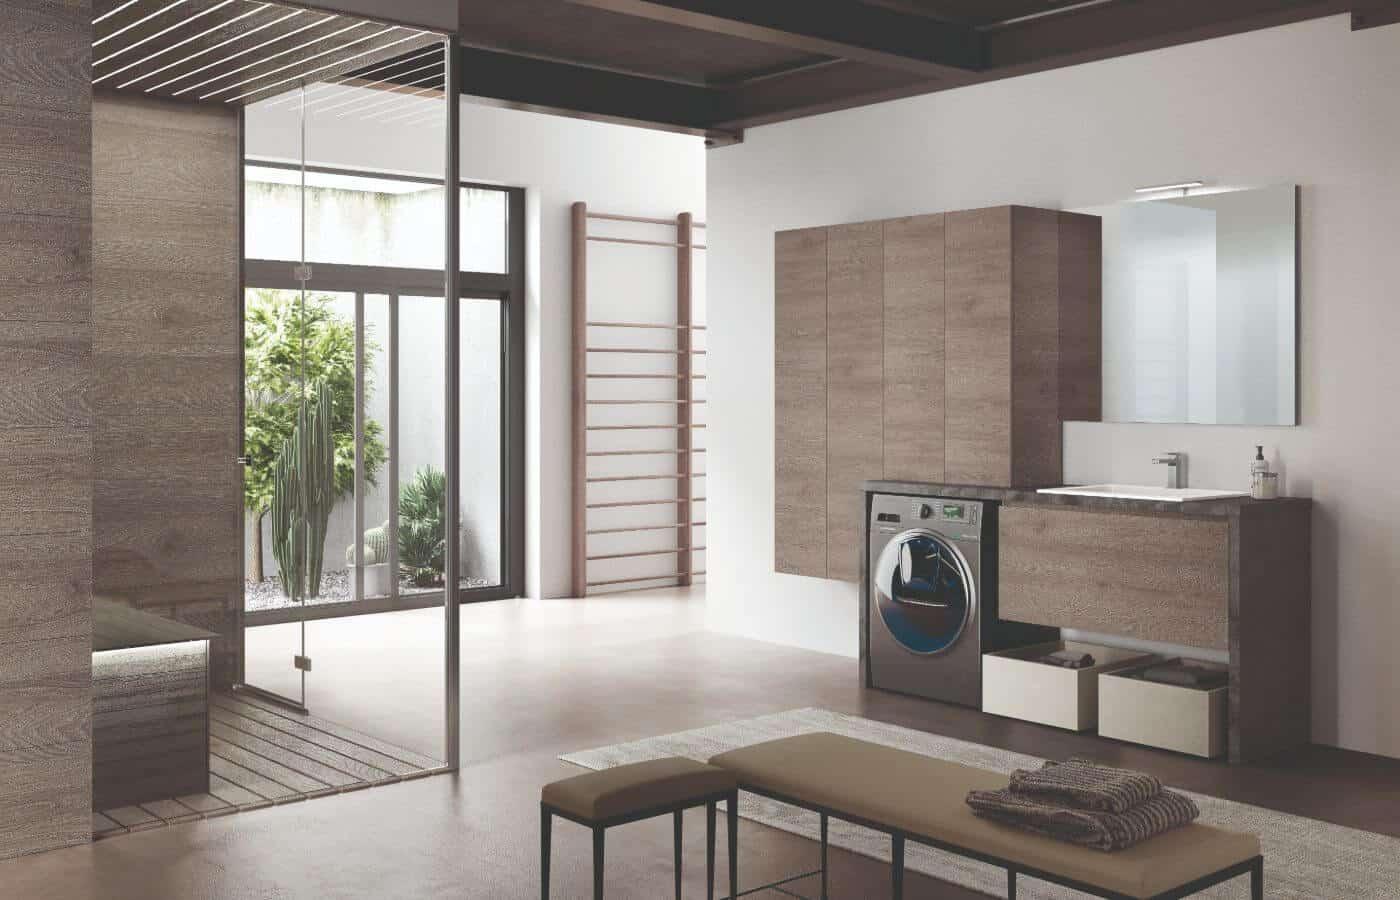 bagni-collezione-laundry-legno-il-mobile